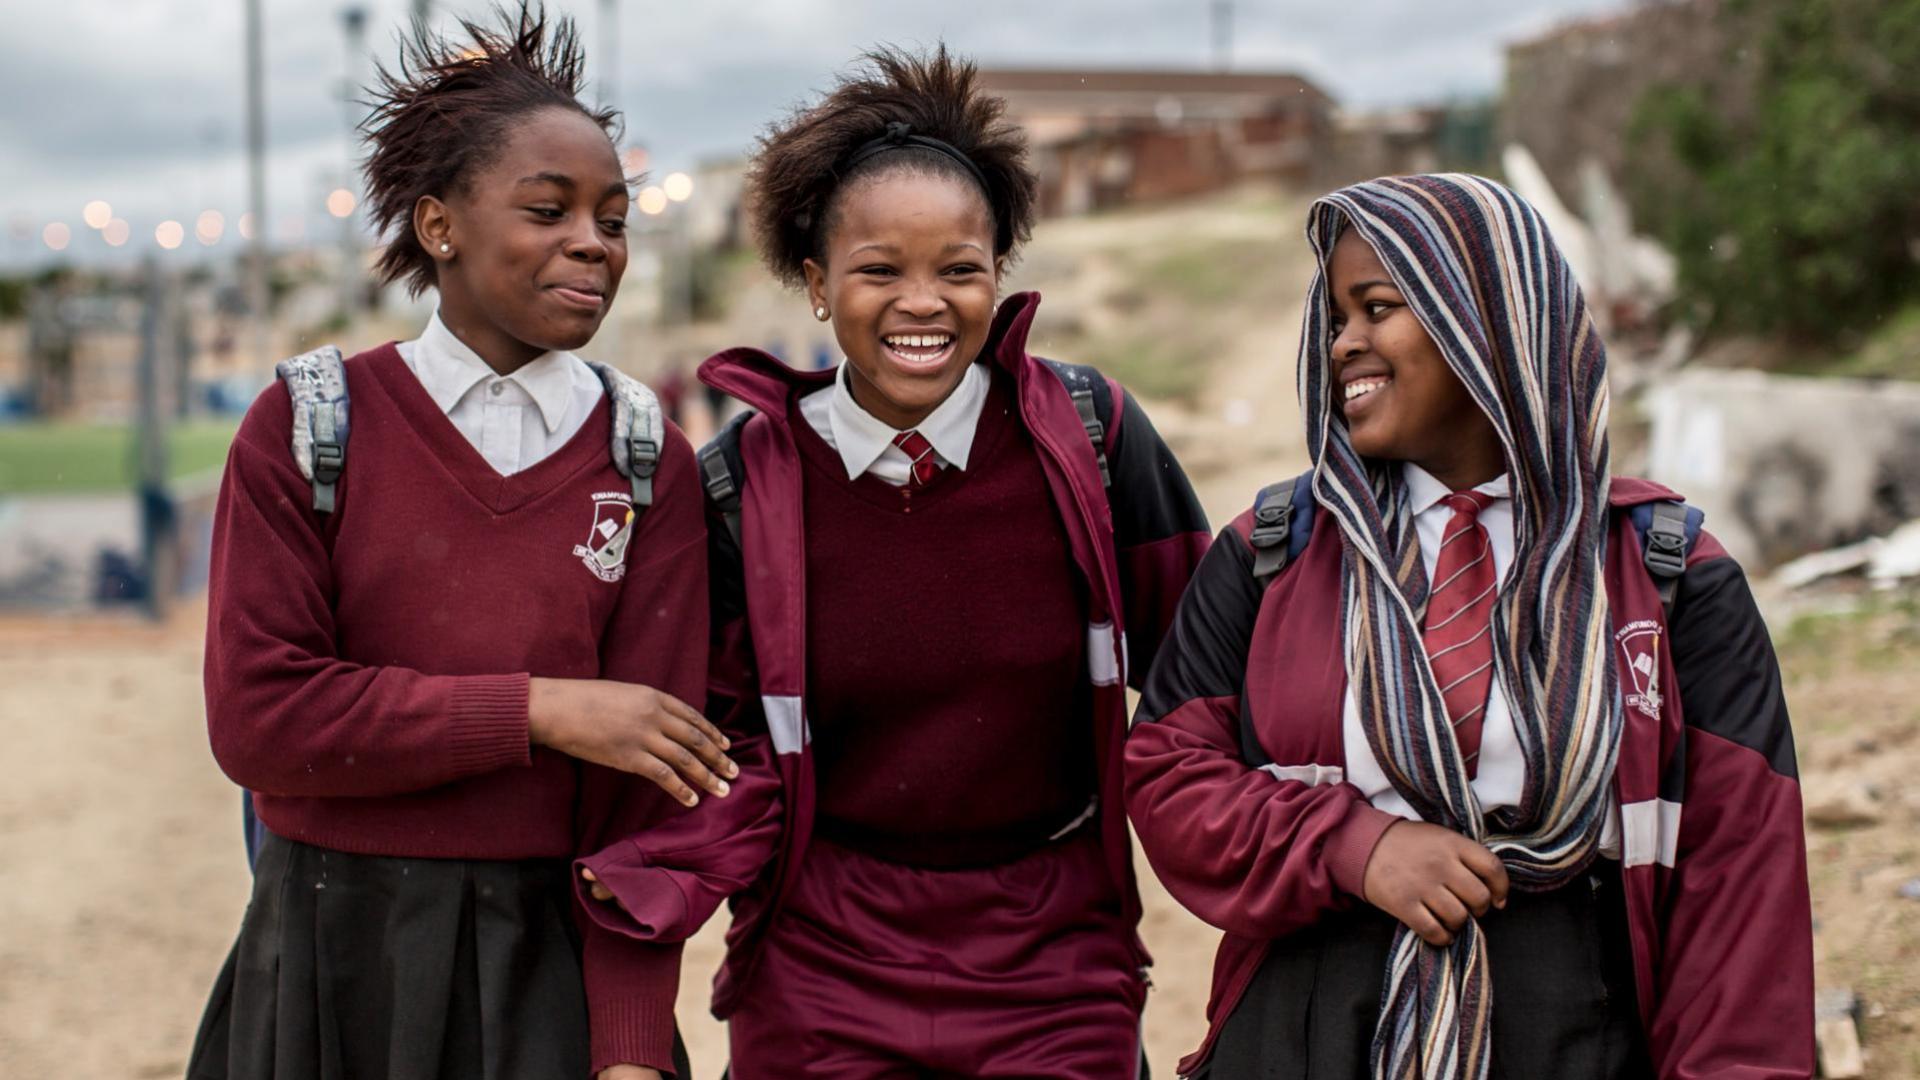 Three school-age girls walking